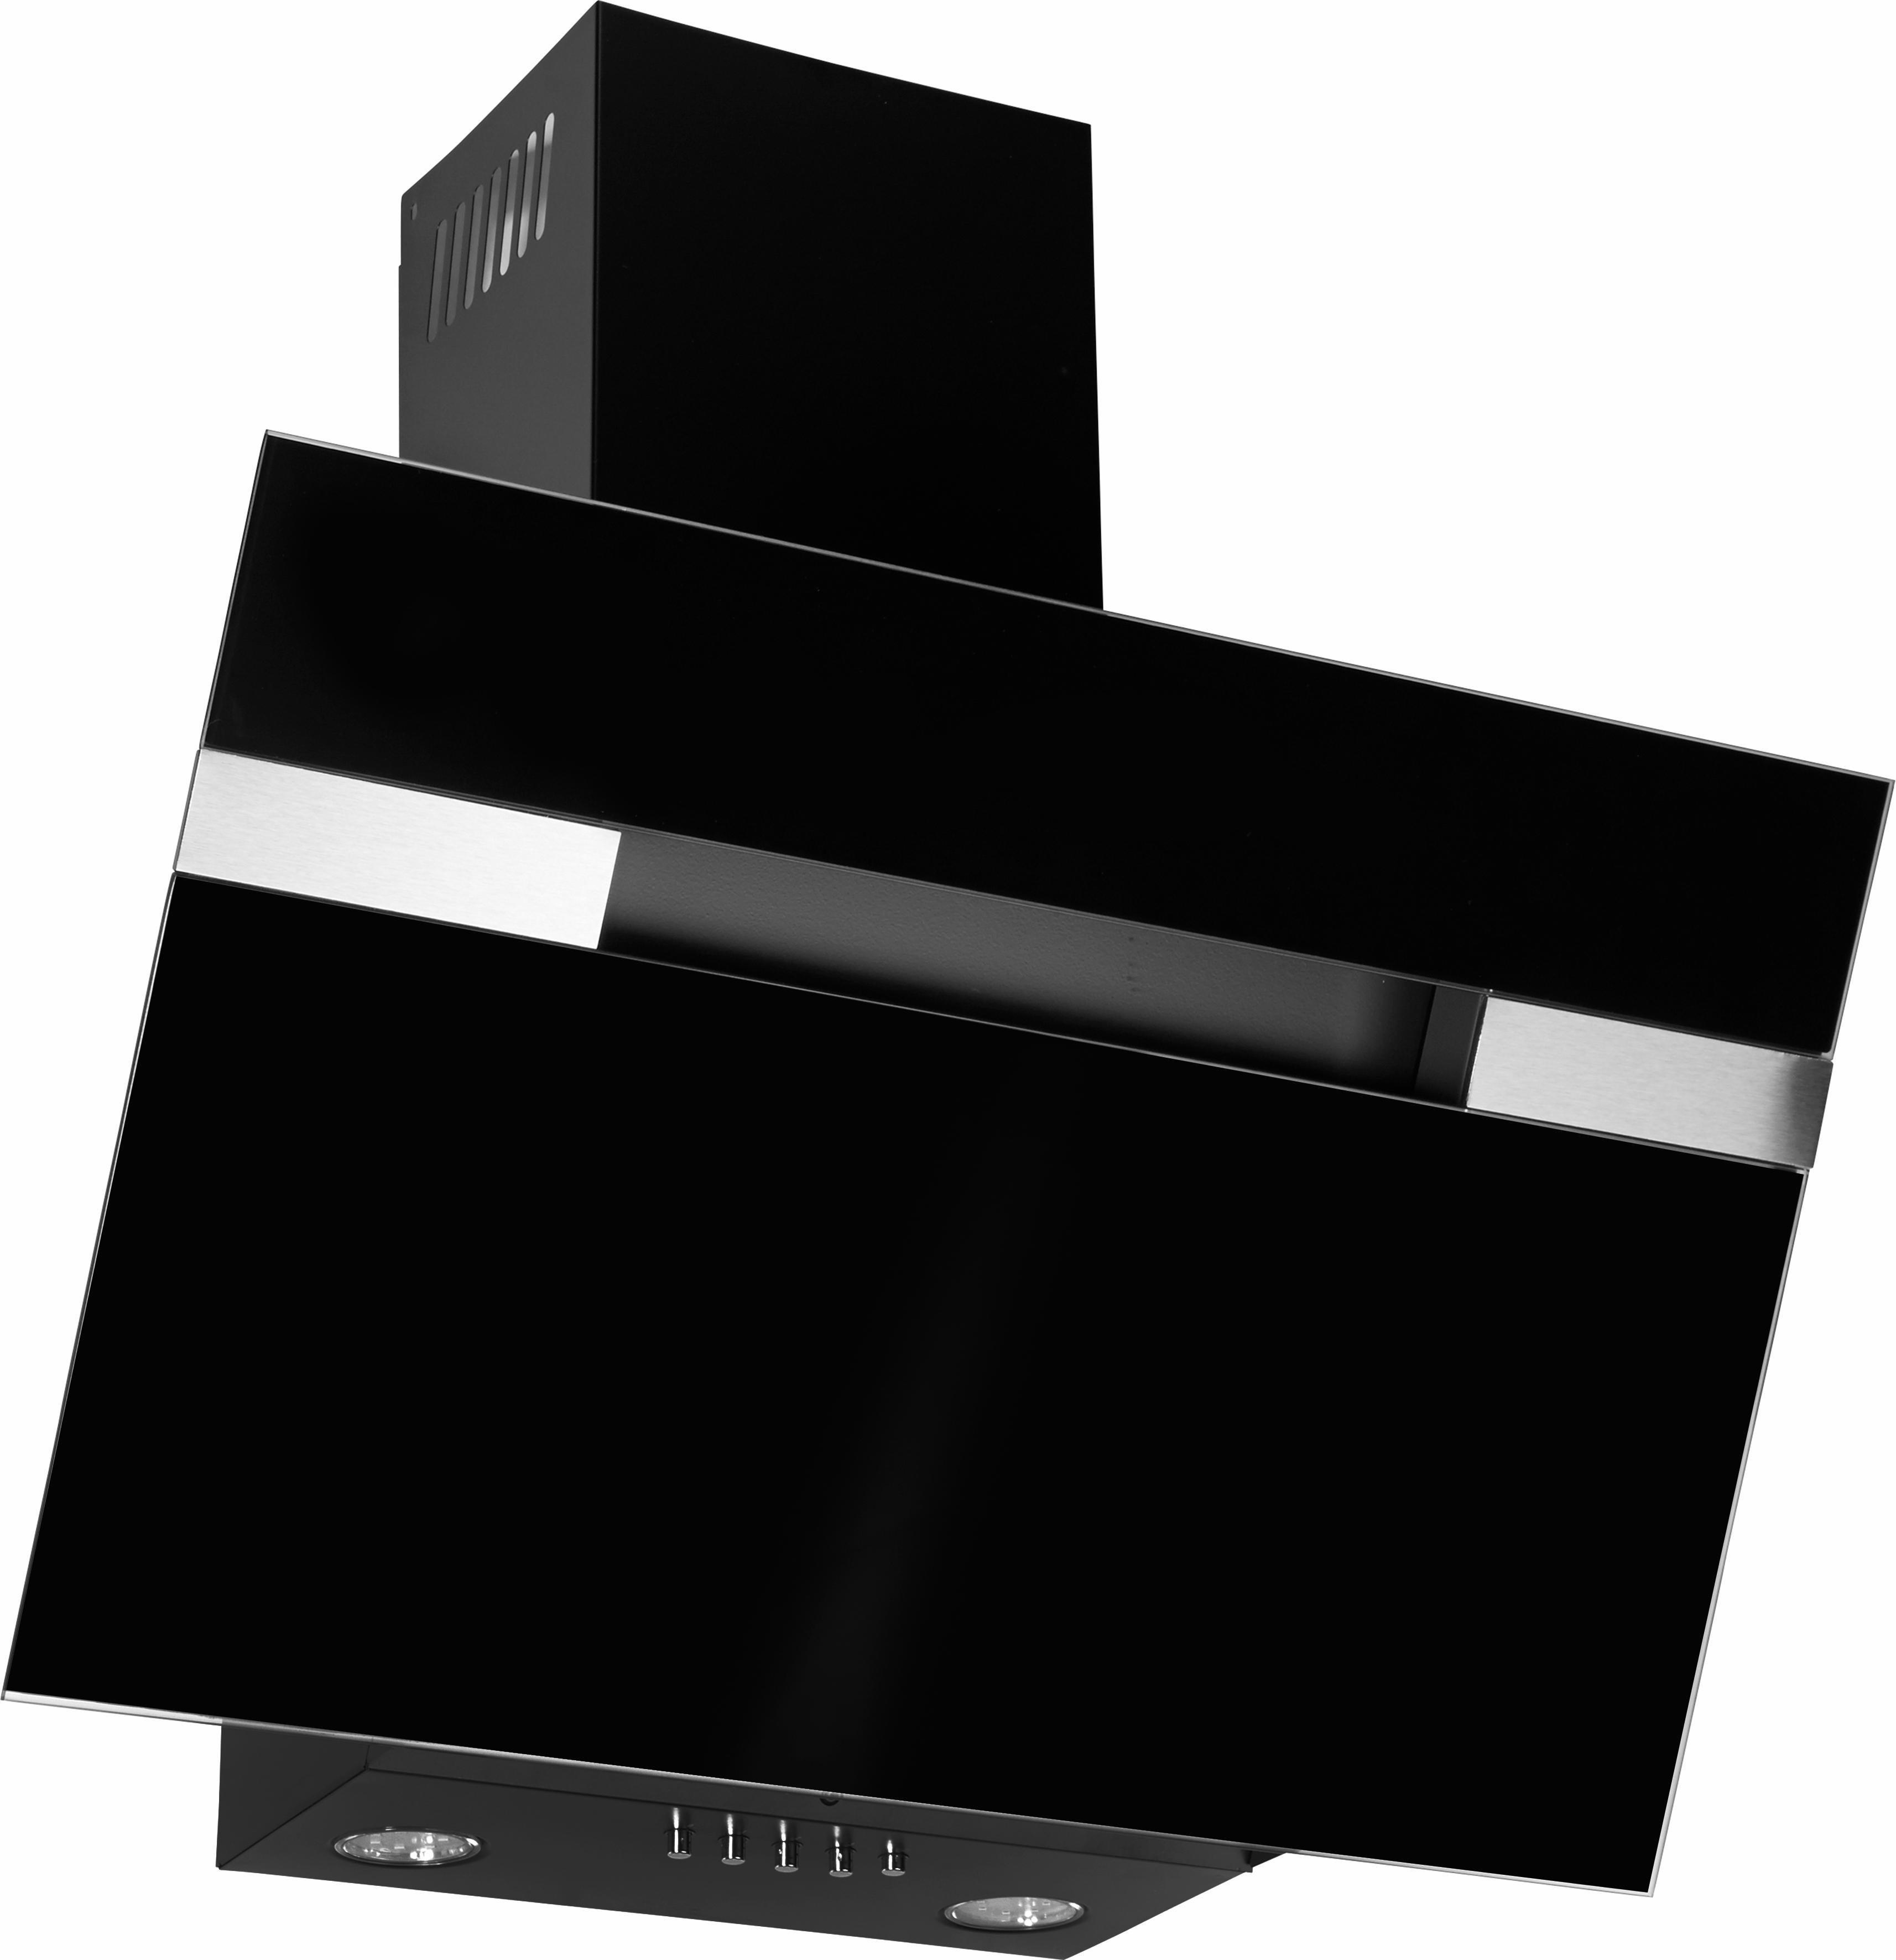 Amica Kopffreihaube KH 17402 S, LED-Beleuchtung, Energieeffizienzklasse C